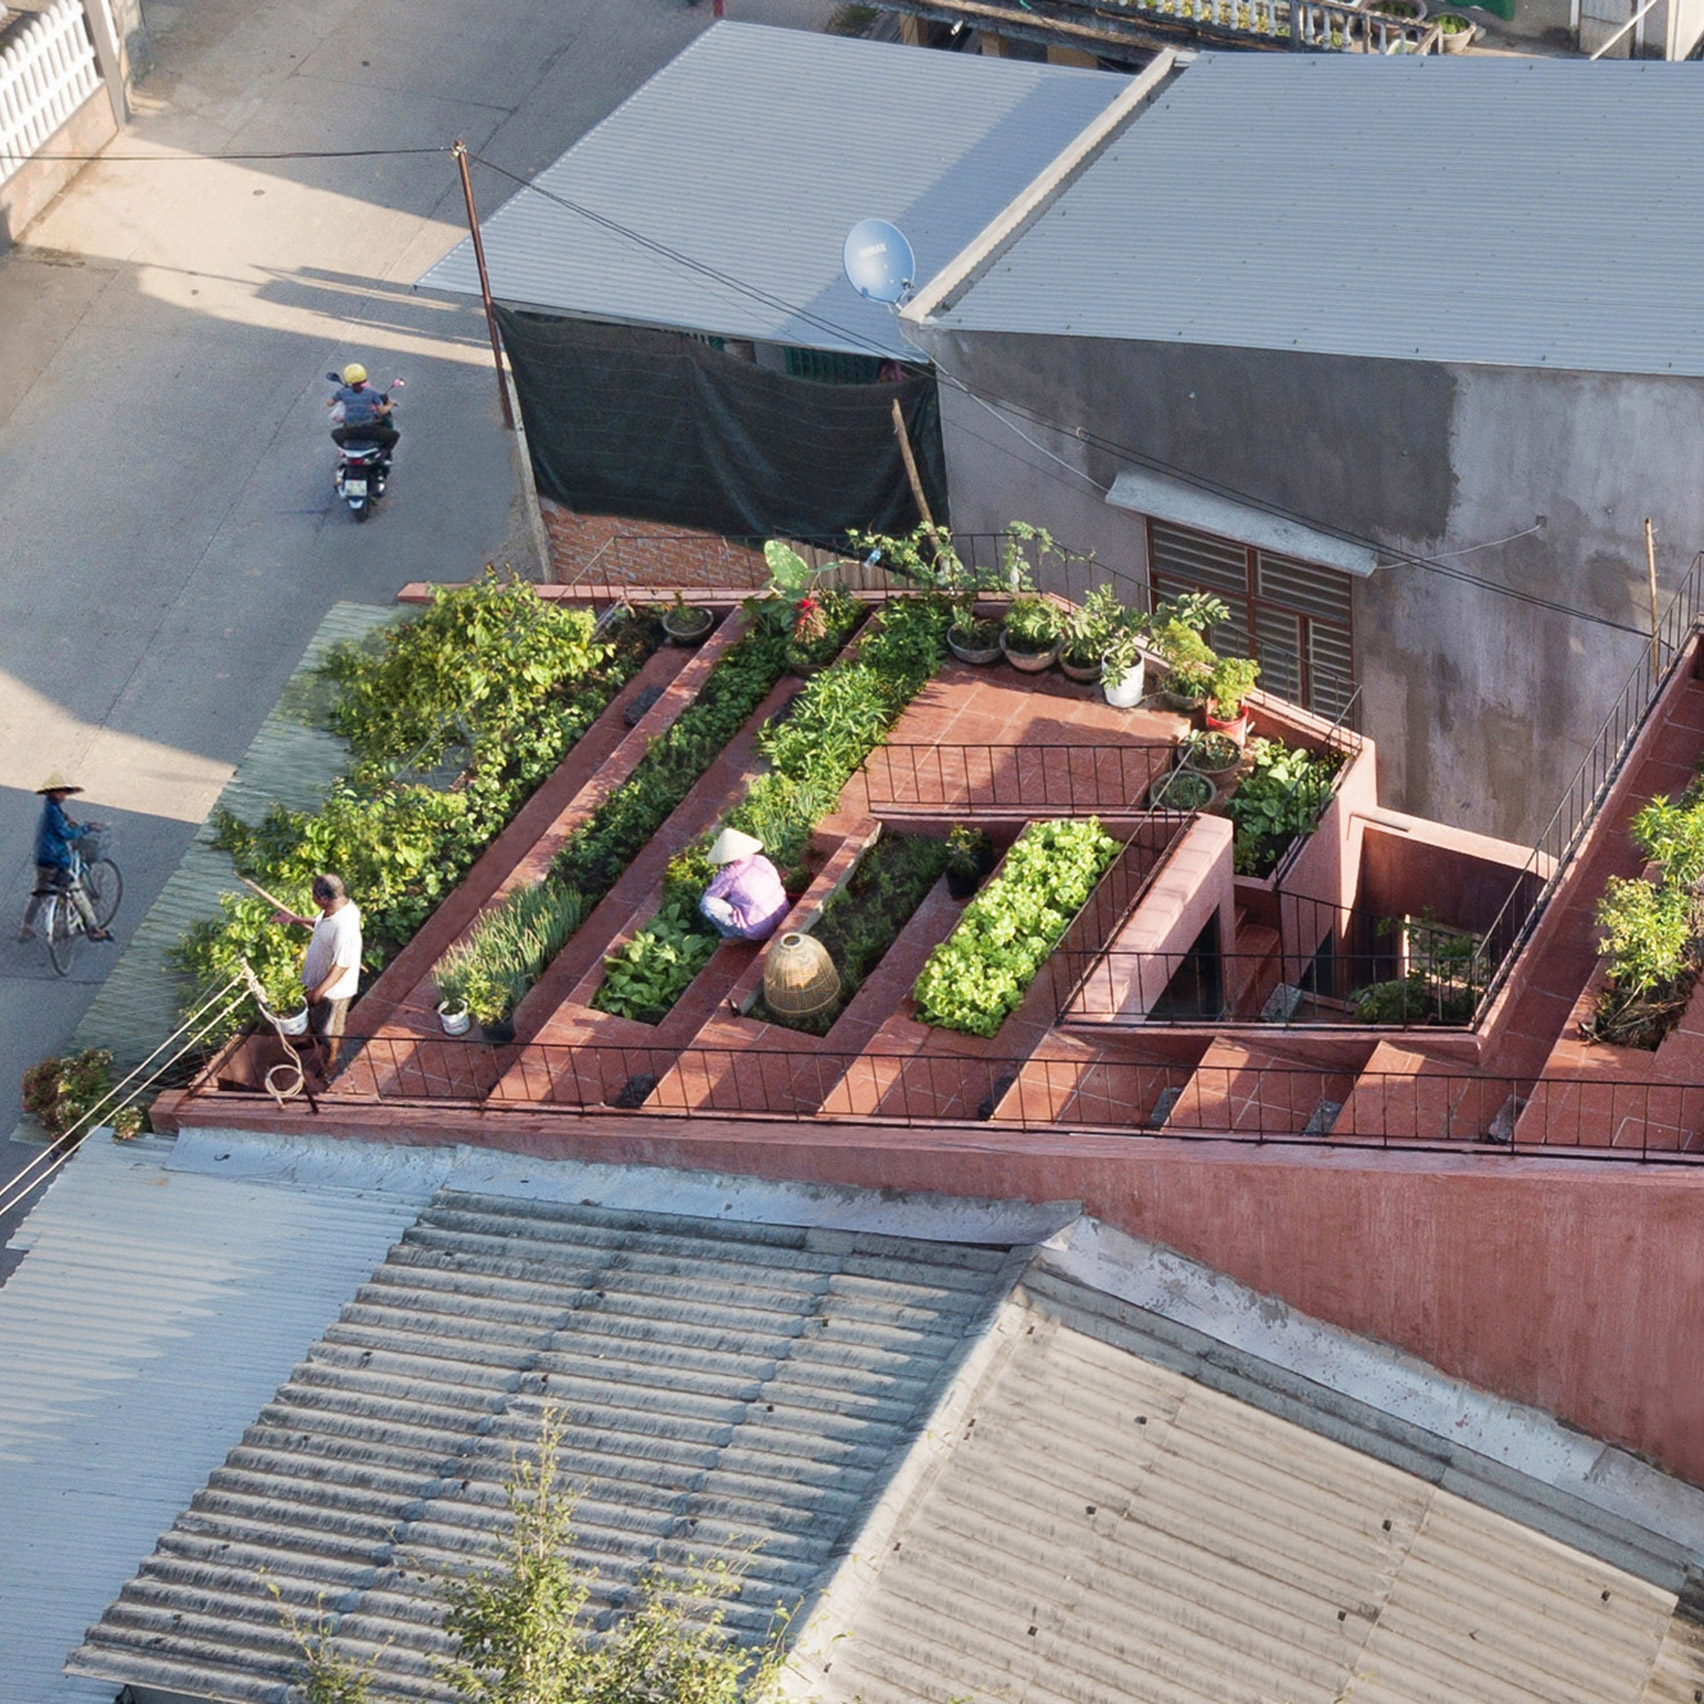 Шедевры архитектуры: 10 самых необычных домов мира, которые построили в 2020 году (ФОТО) - фото №2